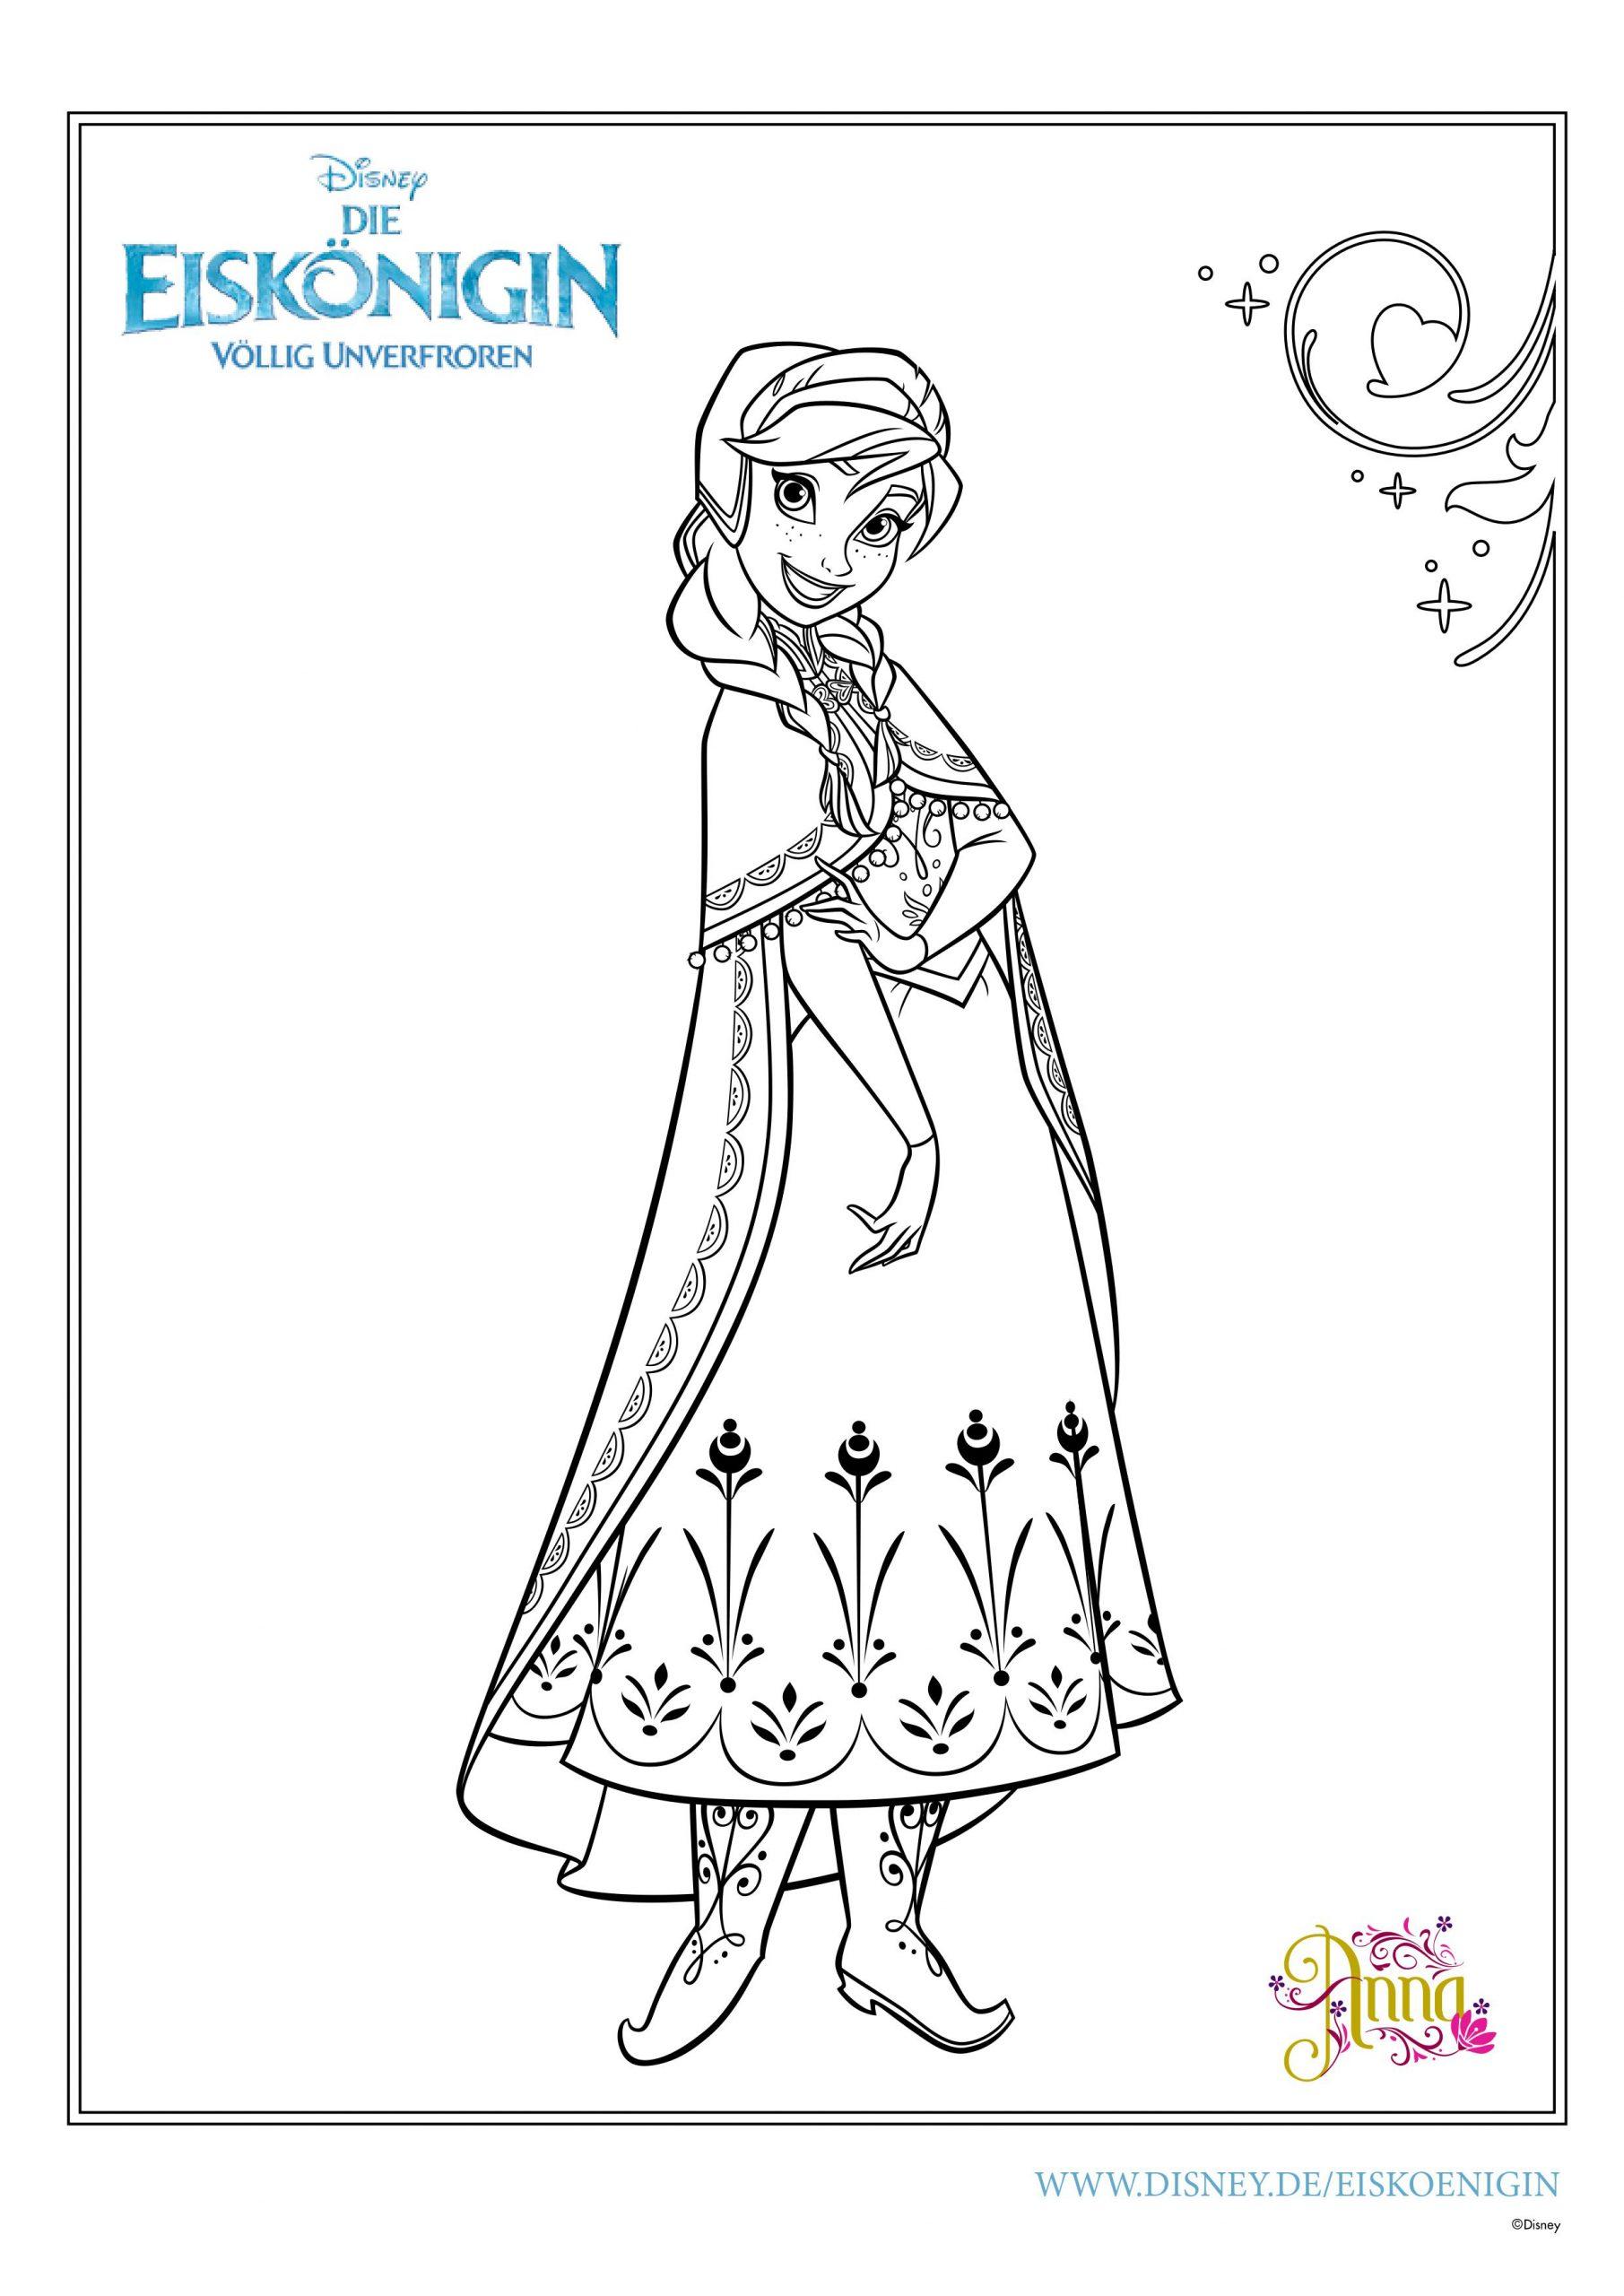 Ausmalbilder Eiskönigin | Mytoys-Blog ganzes Anna Und Elsa Ausmalbilder Zum Ausdrucken